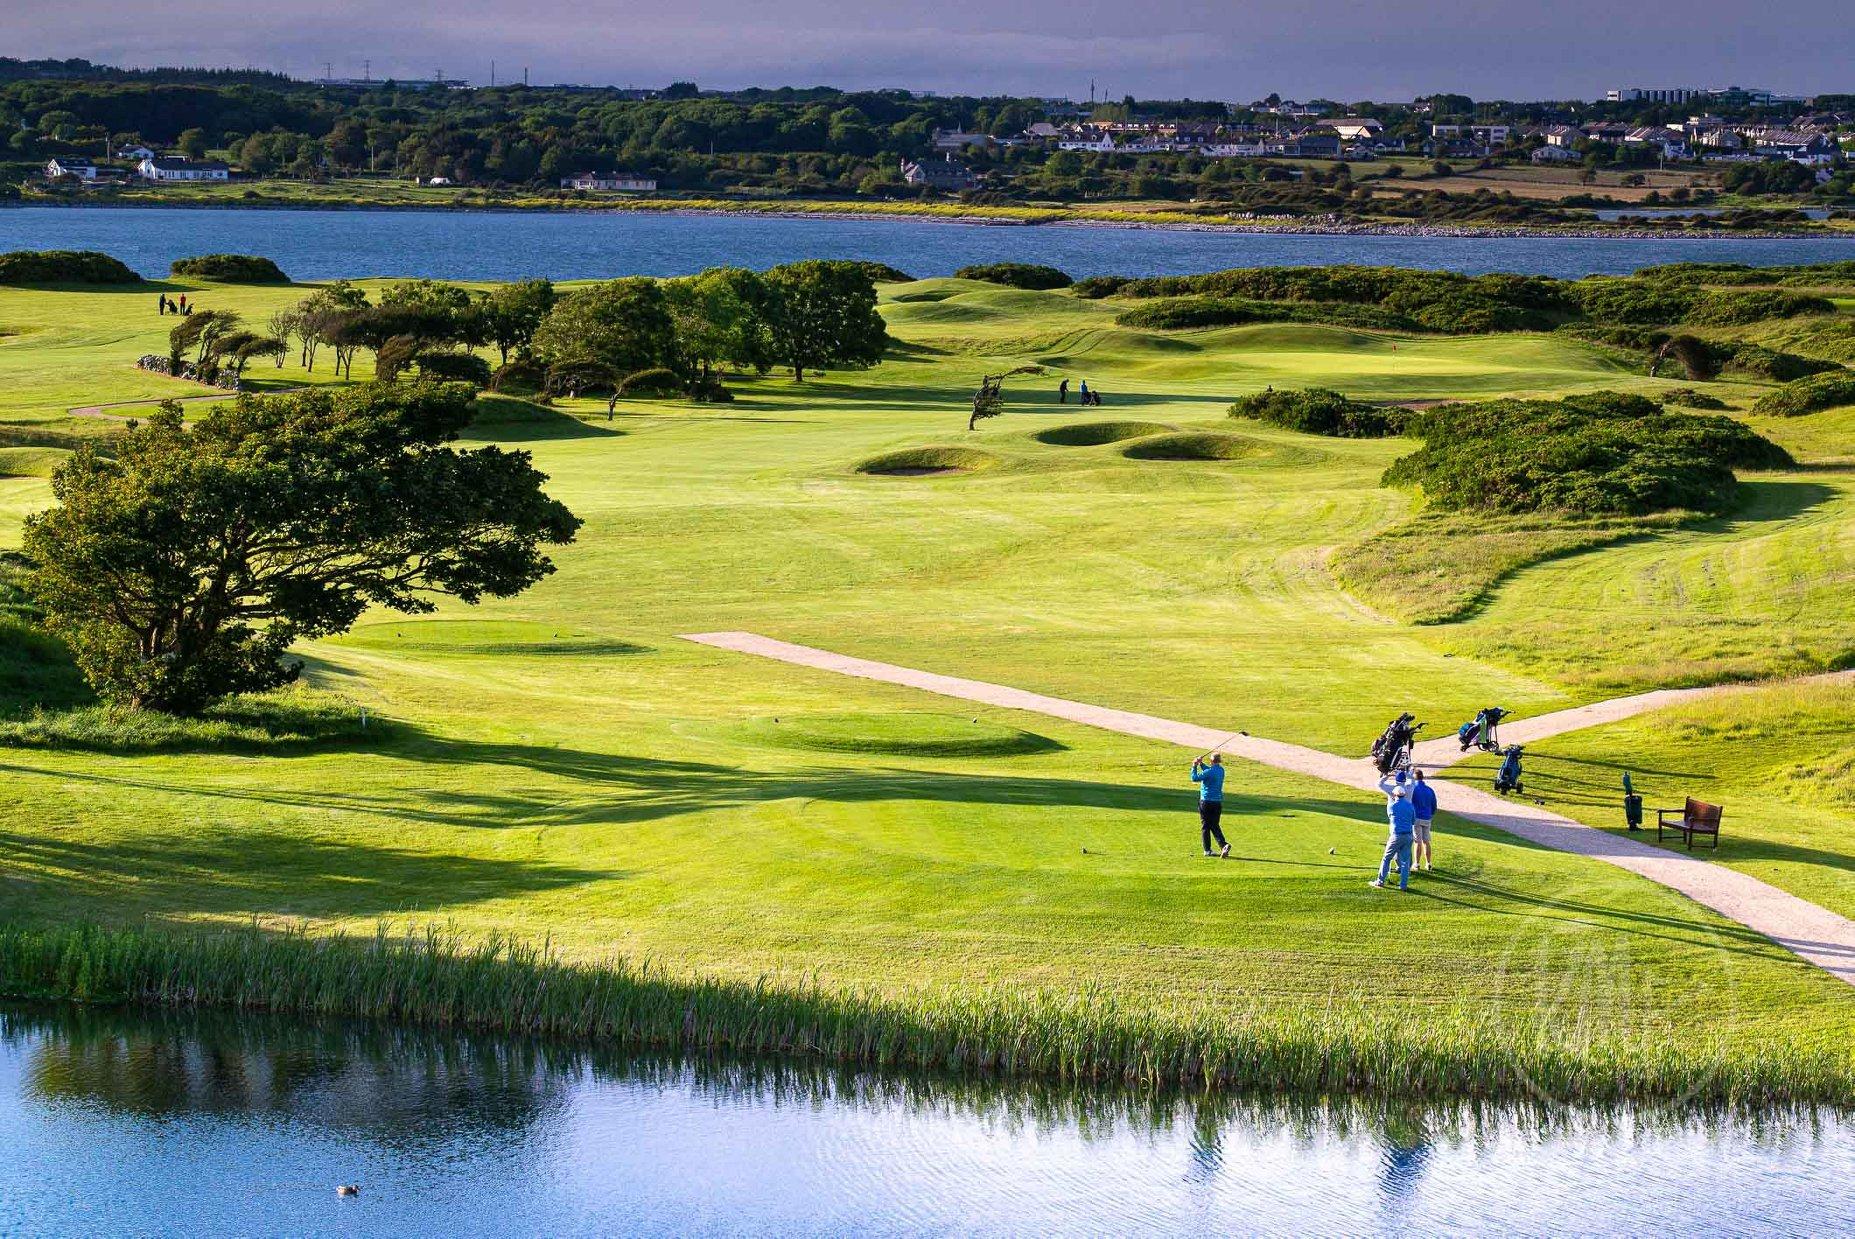 Galway Bay Golf Resort Golfing Galway - Visit Galway